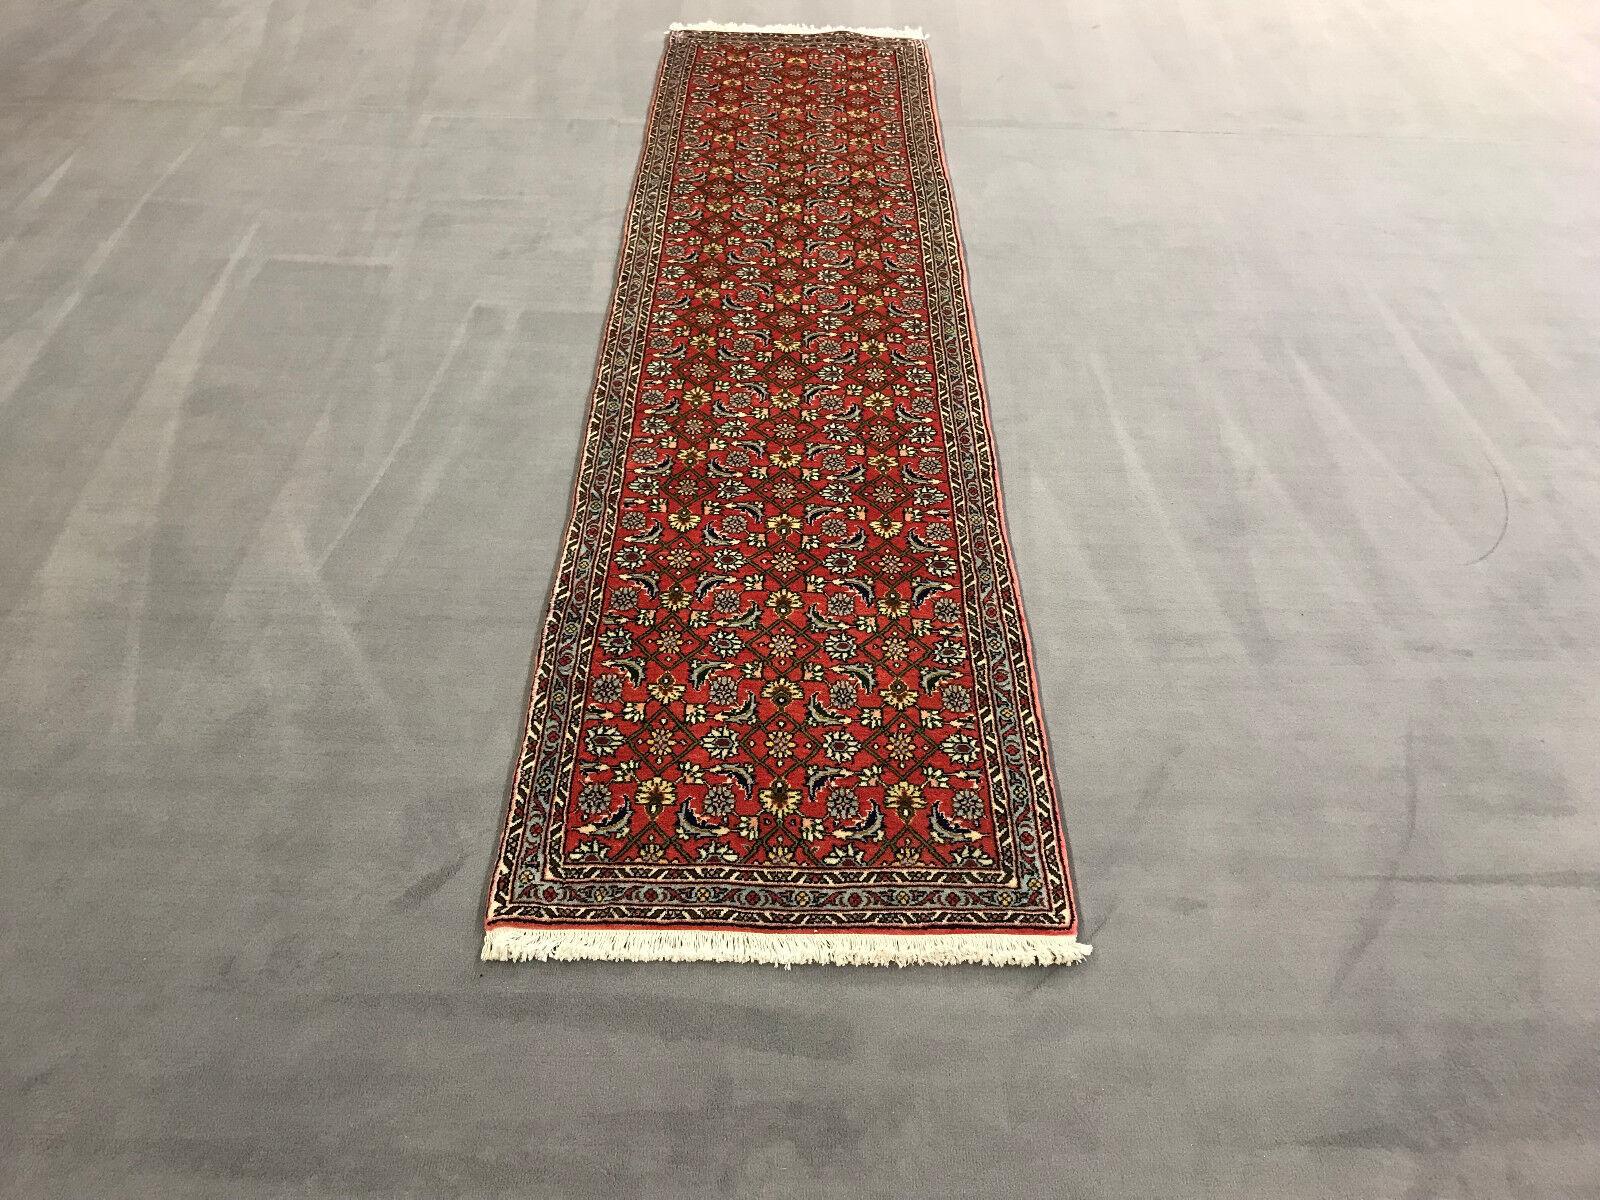 Senneh Orient alfombra persa alfombra 2,86x0,72 m  exclusiva de arte del suelo  nuevo